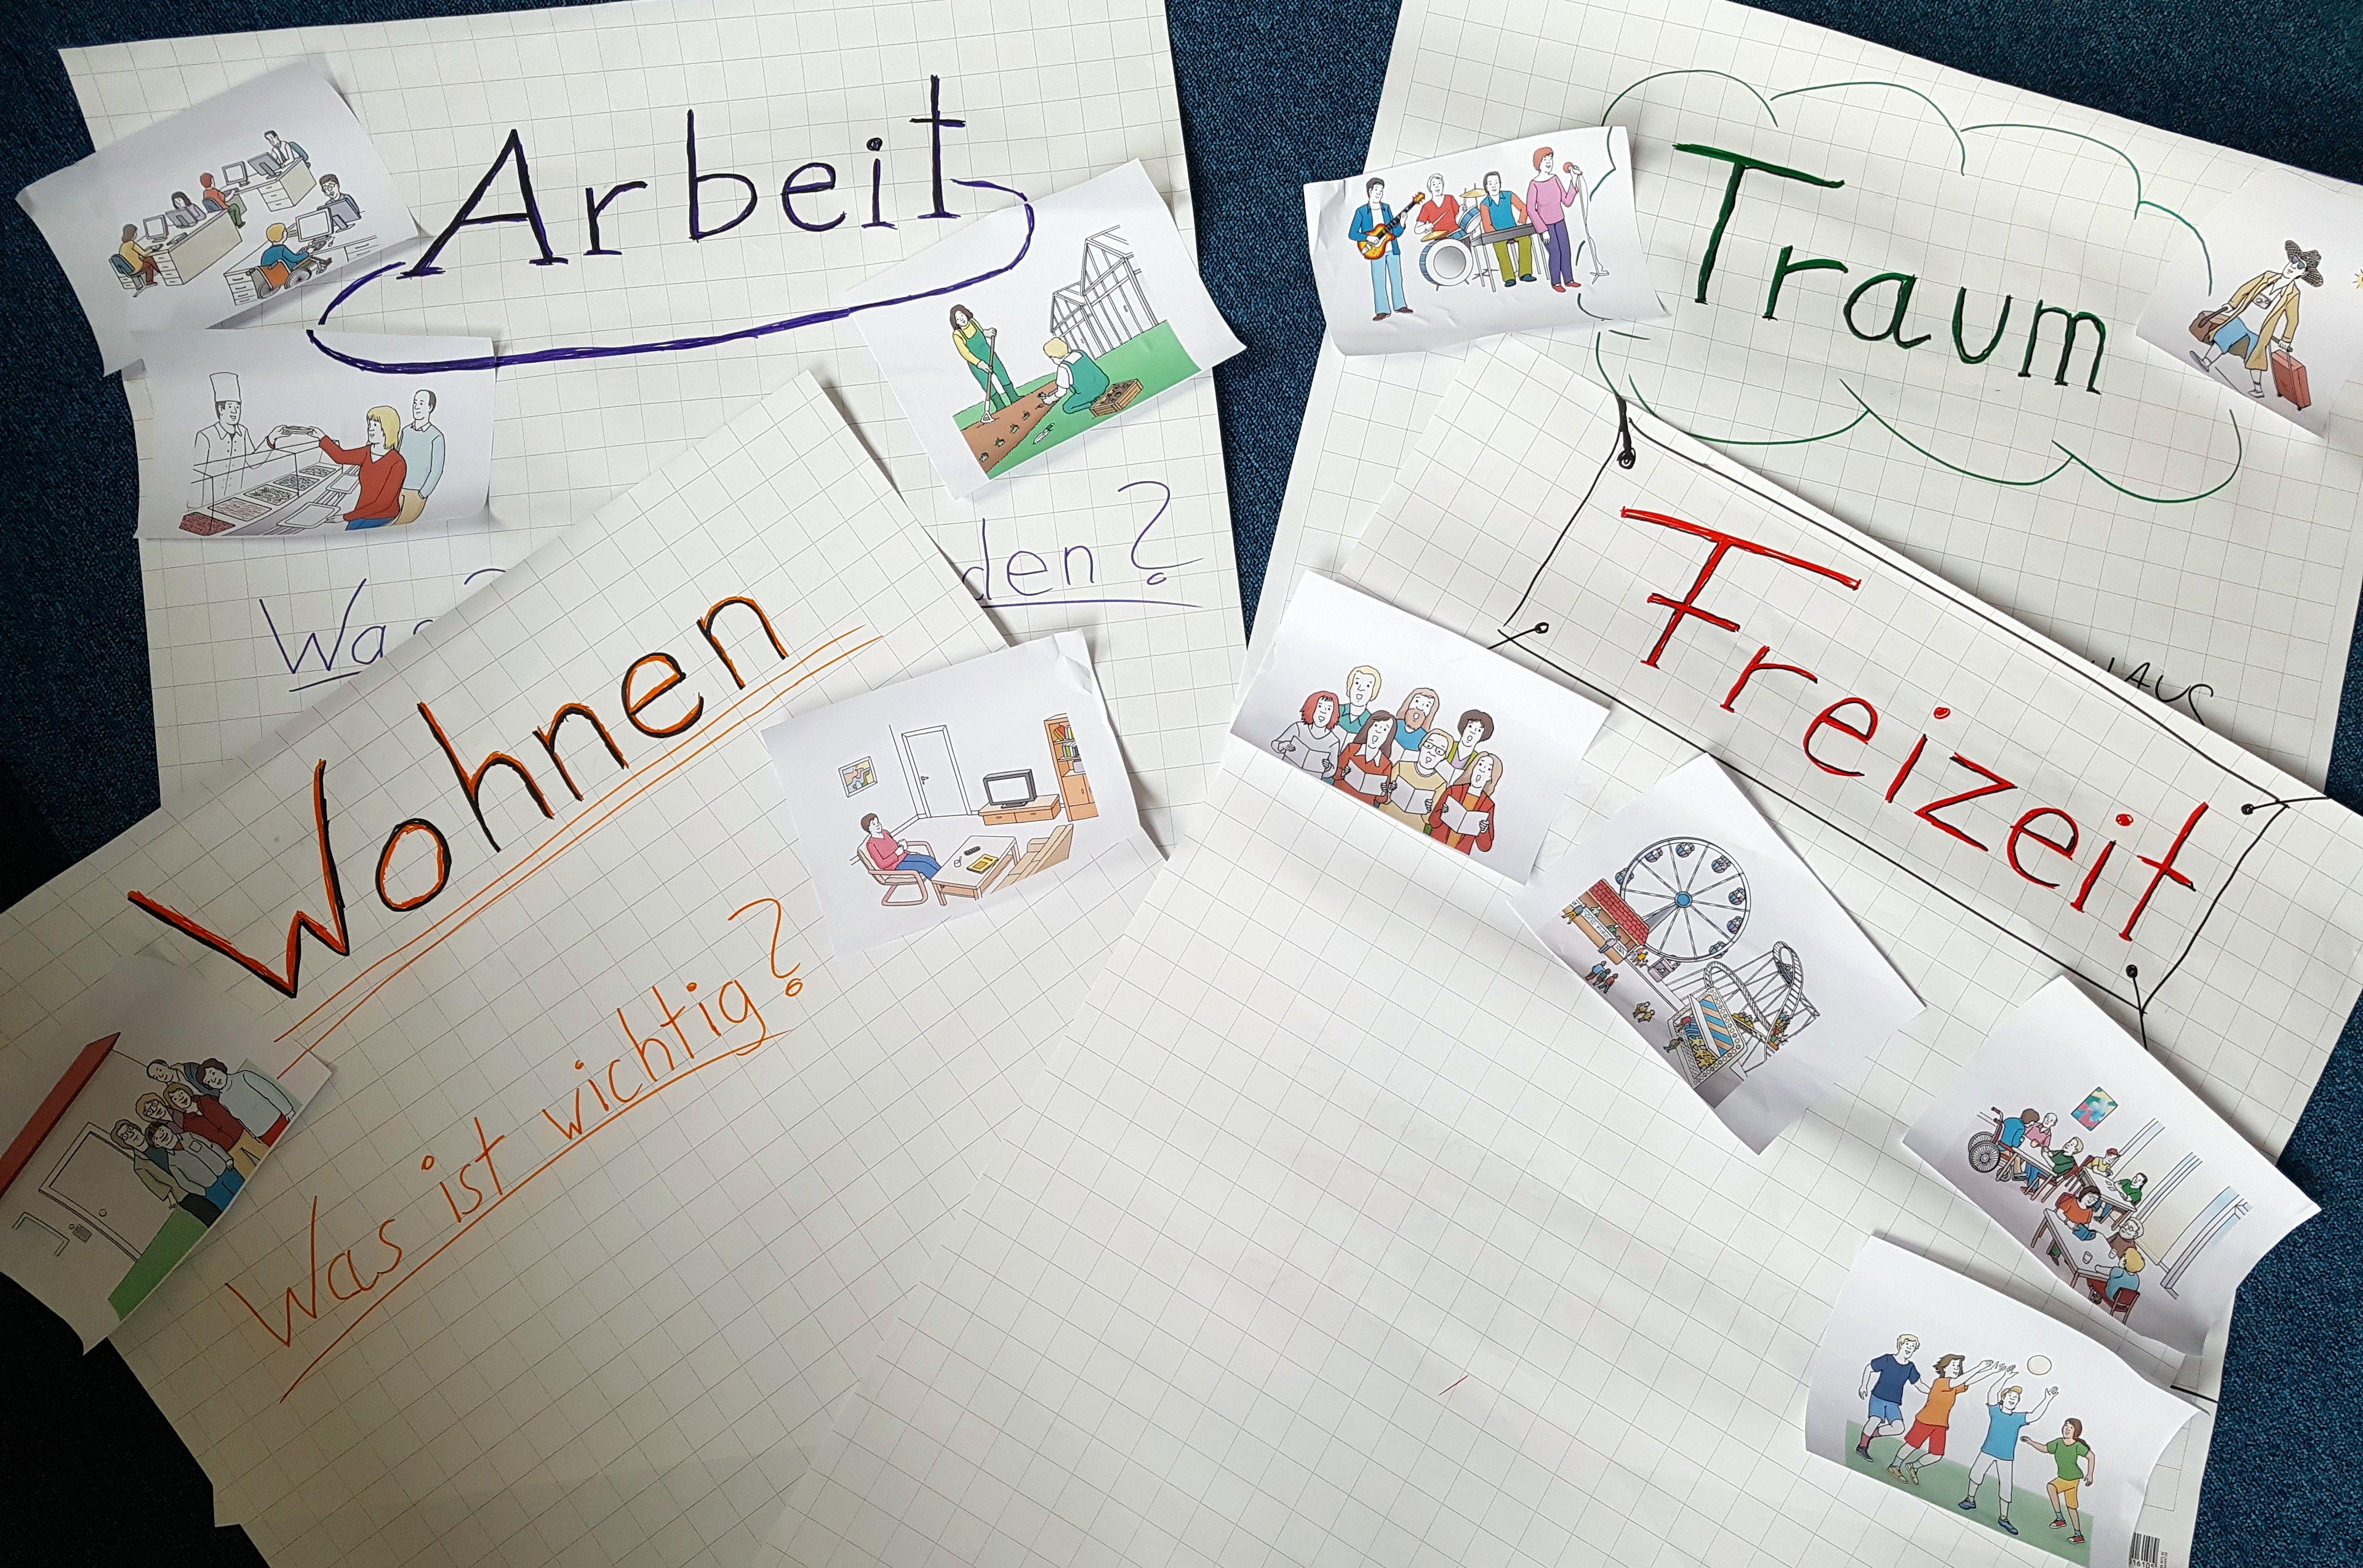 Plakate mit Überschriften: Arbeit, Wohnen, Traum, Freizeit